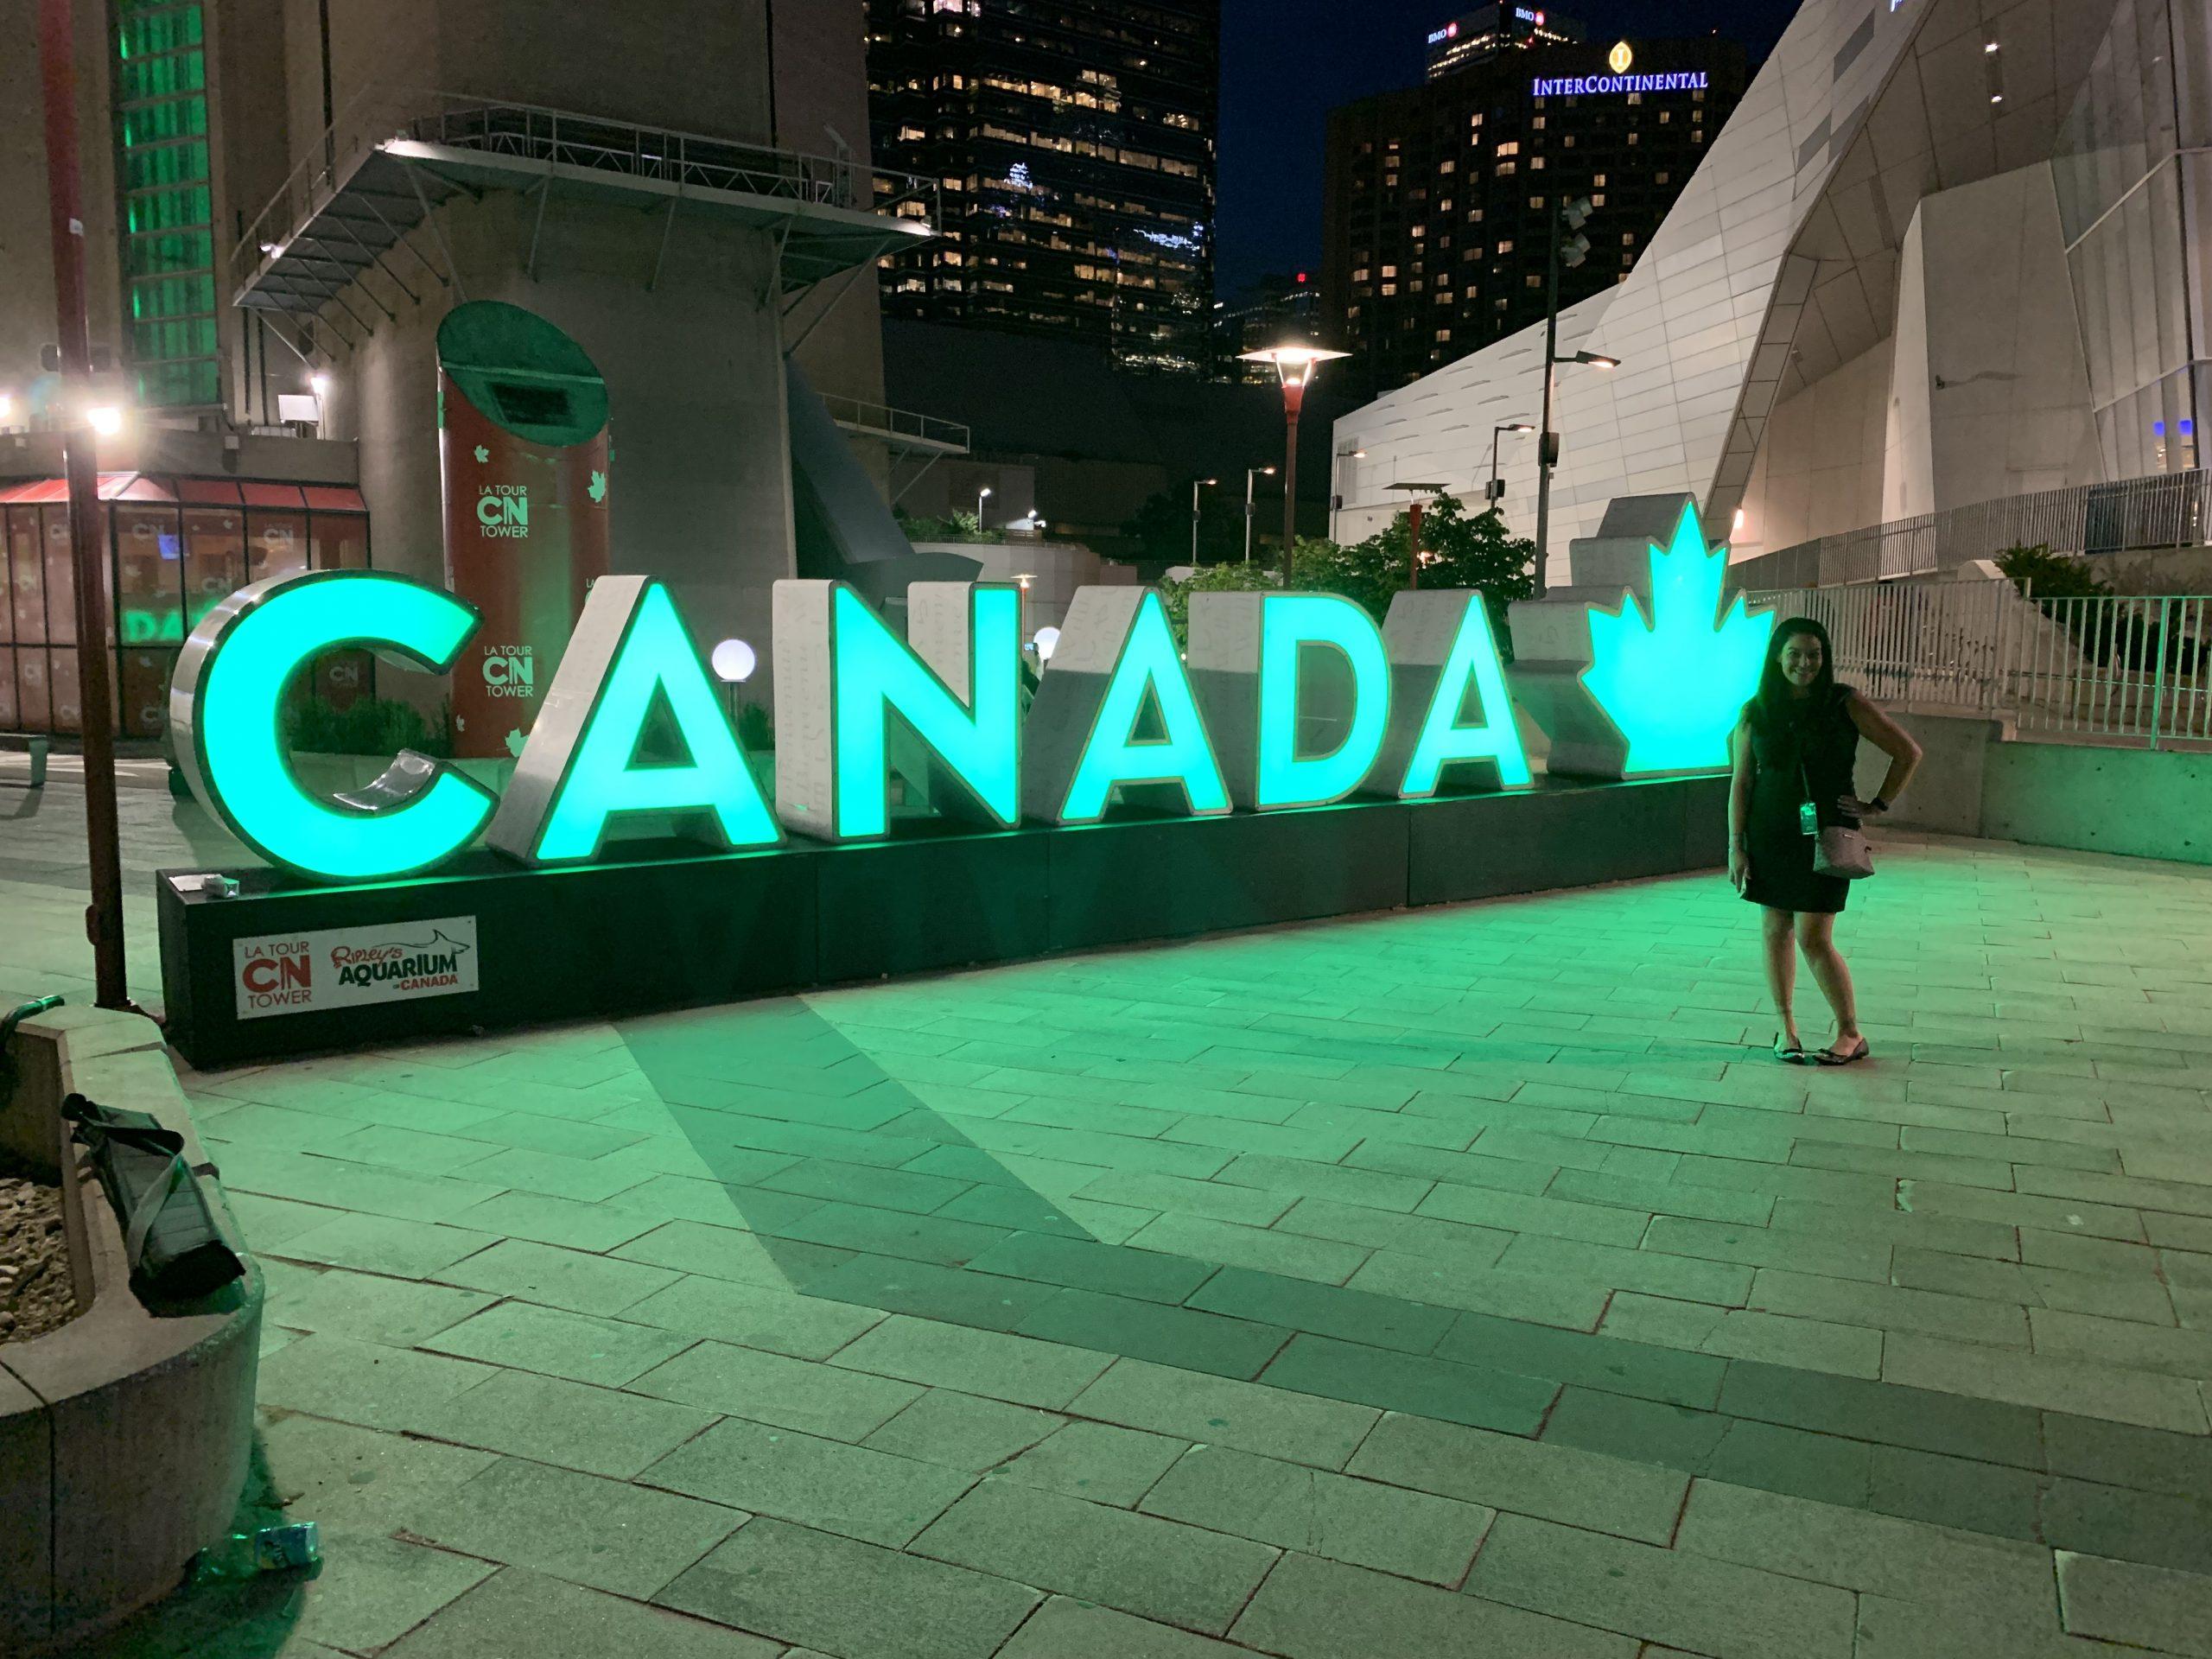 Corp-Toronto-view3